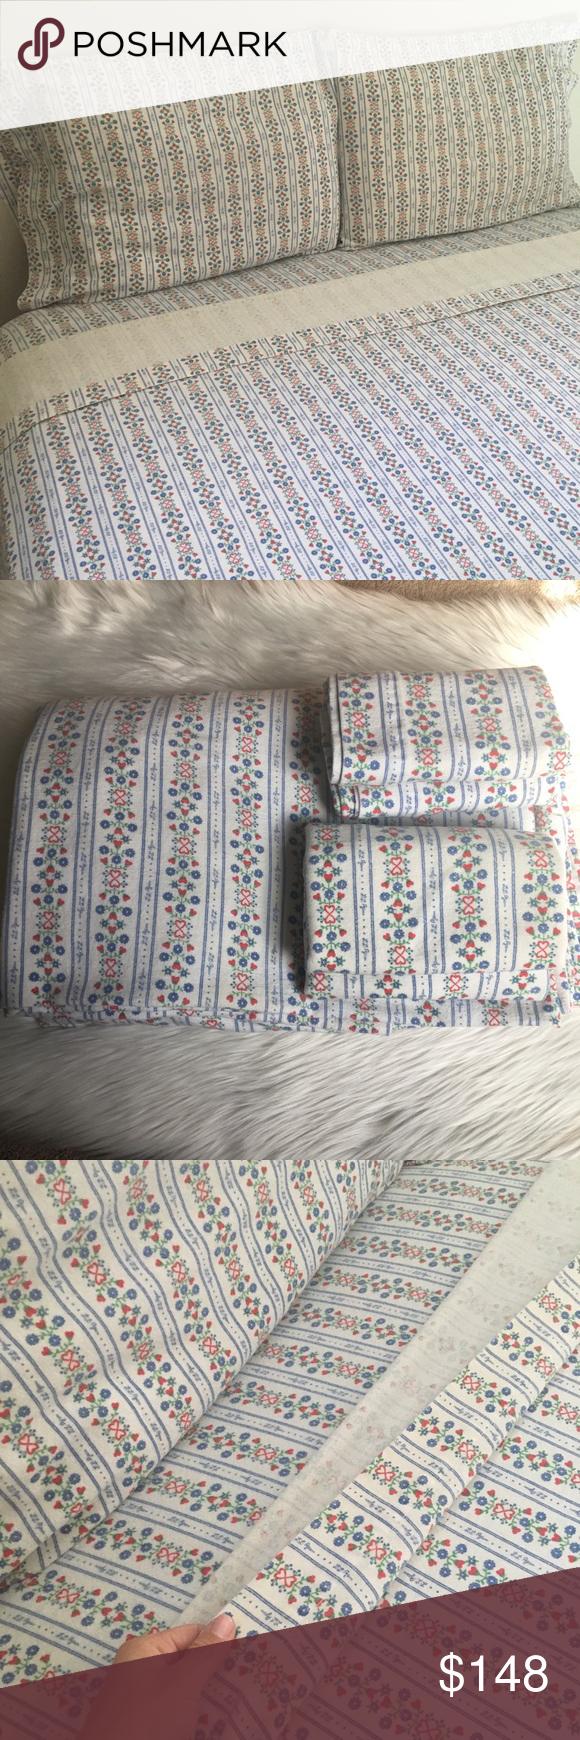 Amazing L L Bean Cotton Flannel Sheet Set Cotton Flannel Sheet Sets Queen Sheet Sets